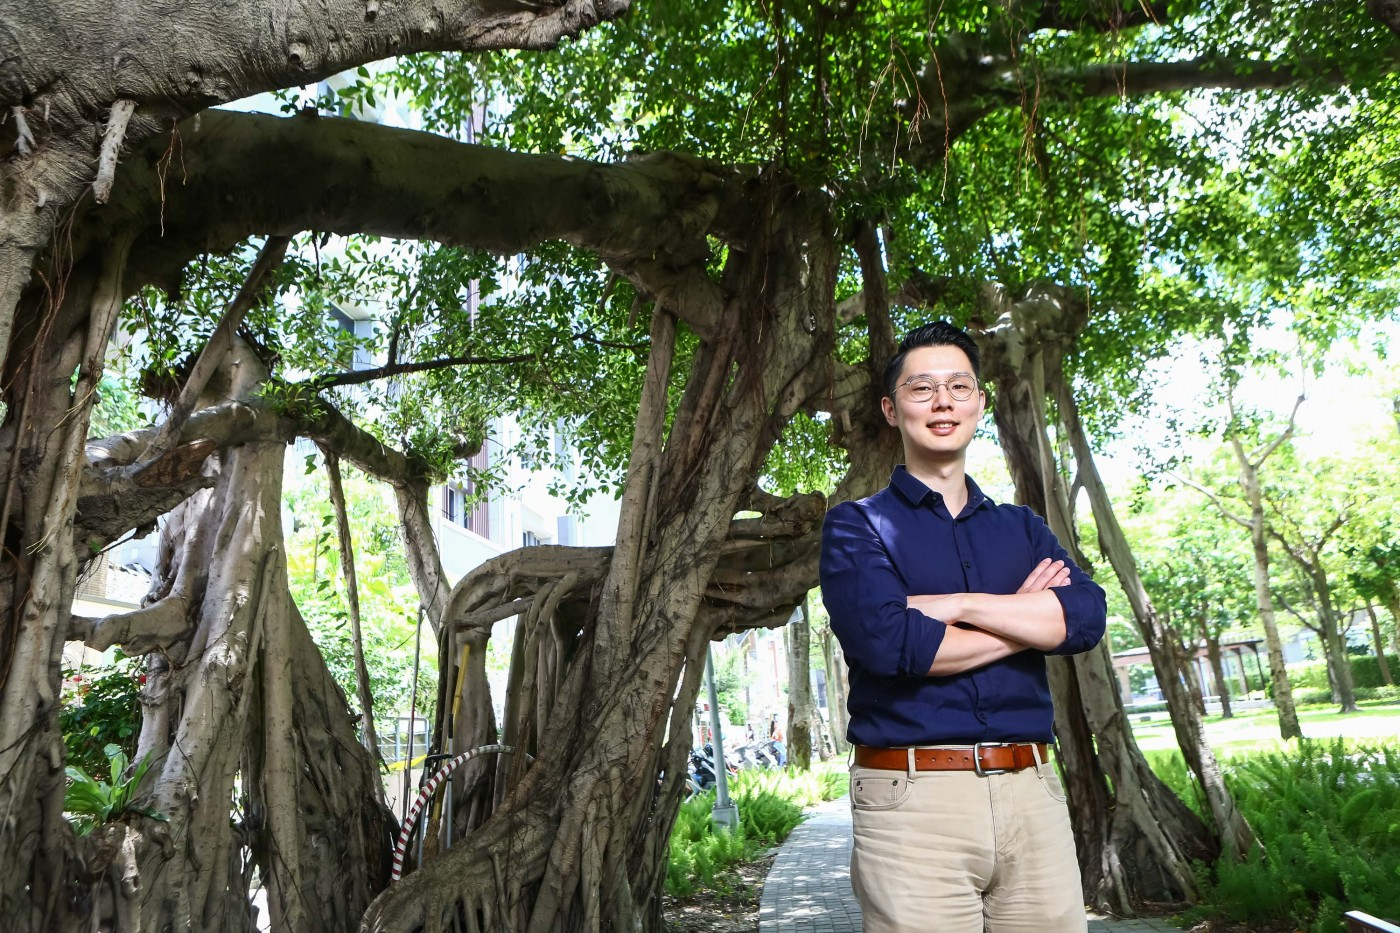 用區塊鏈革命電影產業,徐嘉凱透過虛擬貨幣邀請觀眾加入劇情